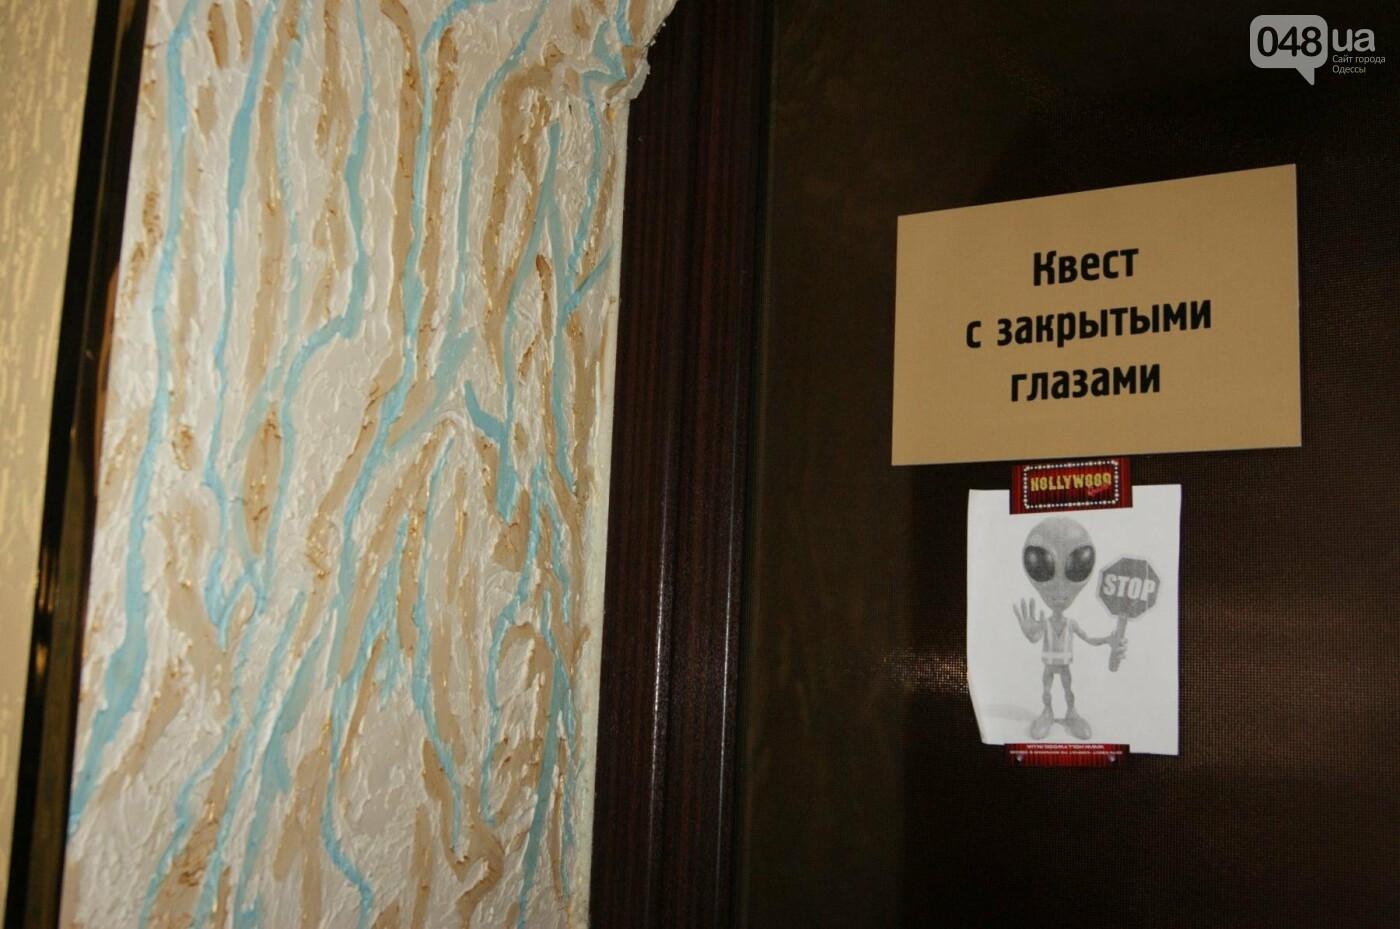 Проверено на себе: идем в одесский квест с завязанными глазами (ФОТО), фото-3